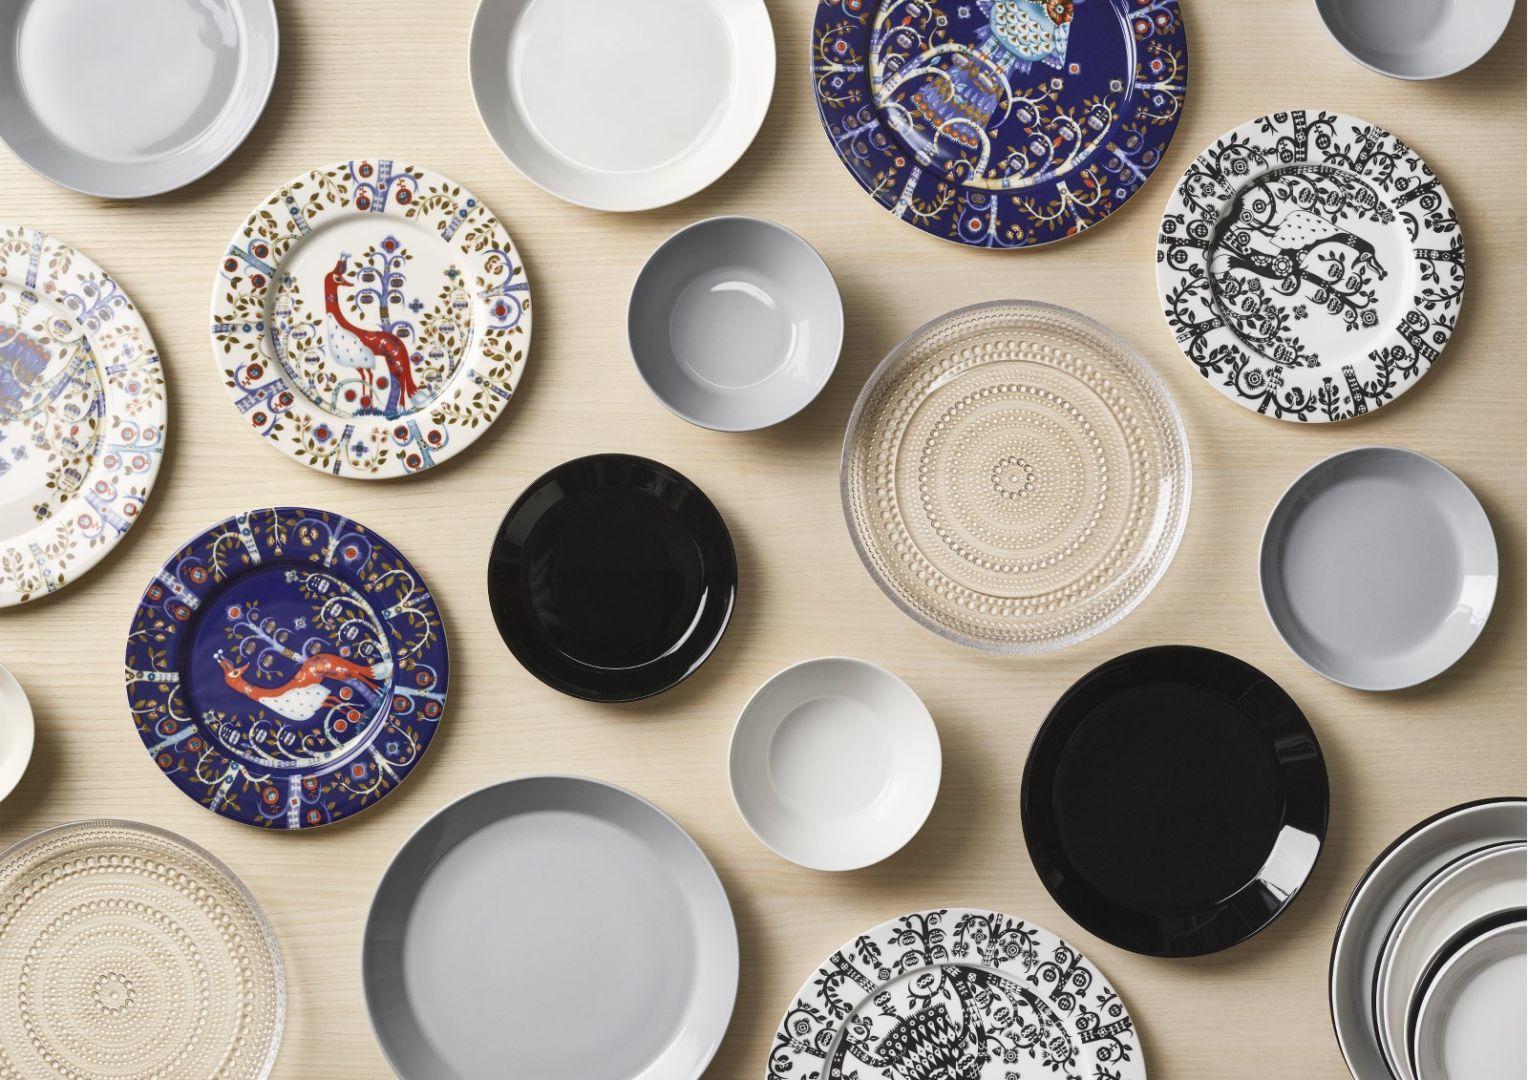 Iittala Crockery & Glassware